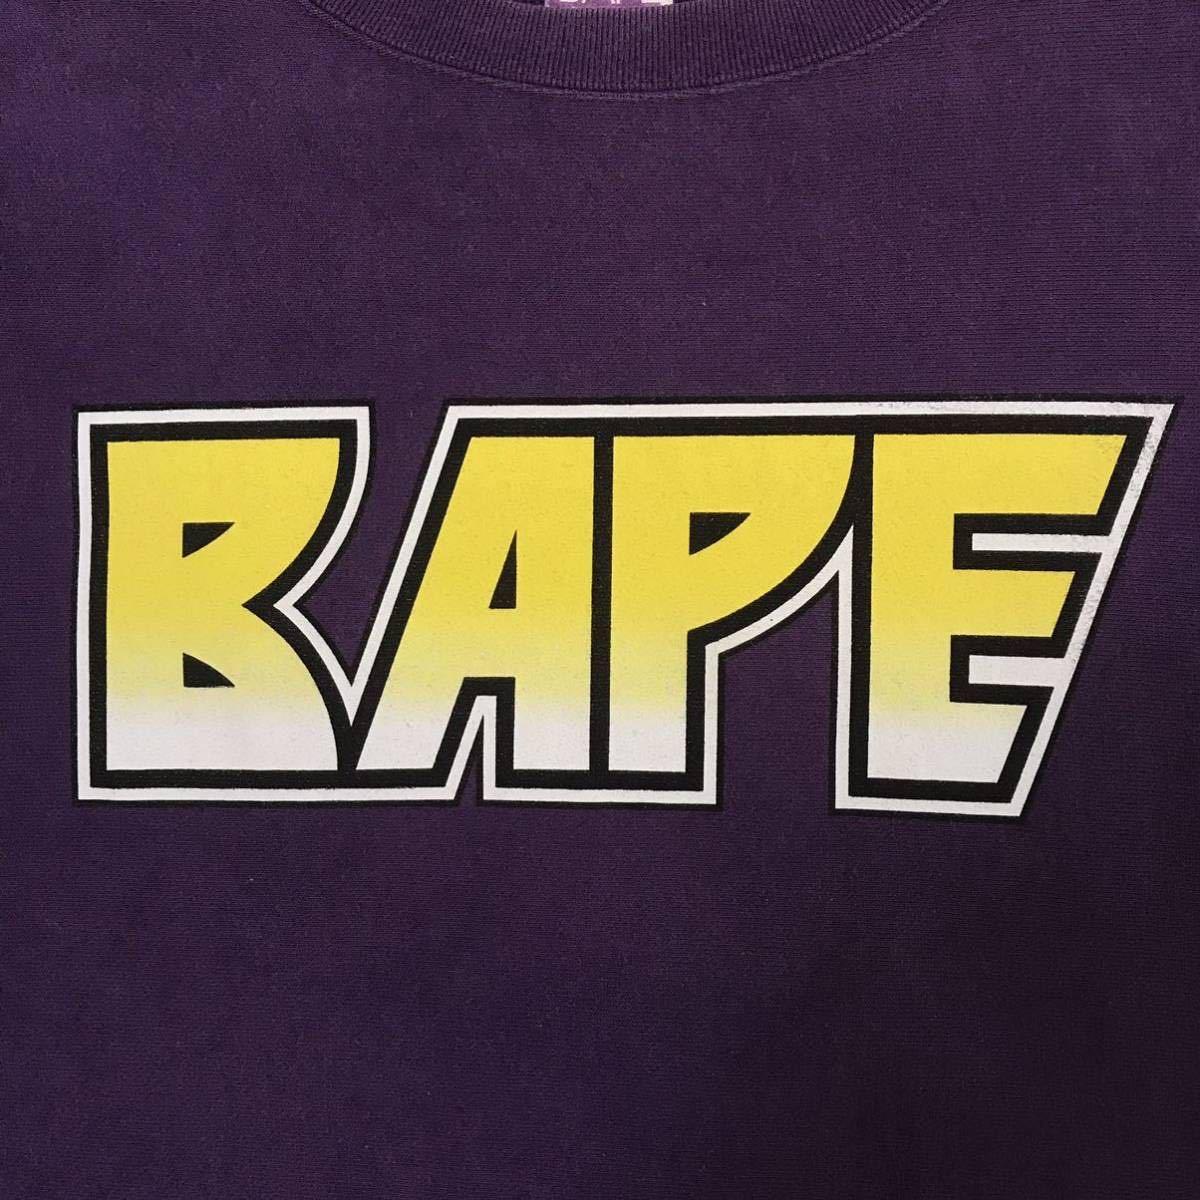 ★レア★ KISS logo 長袖スウェット Mサイズ a bathing ape bape エイプ ベイプ アベイシングエイプ nigo 2321